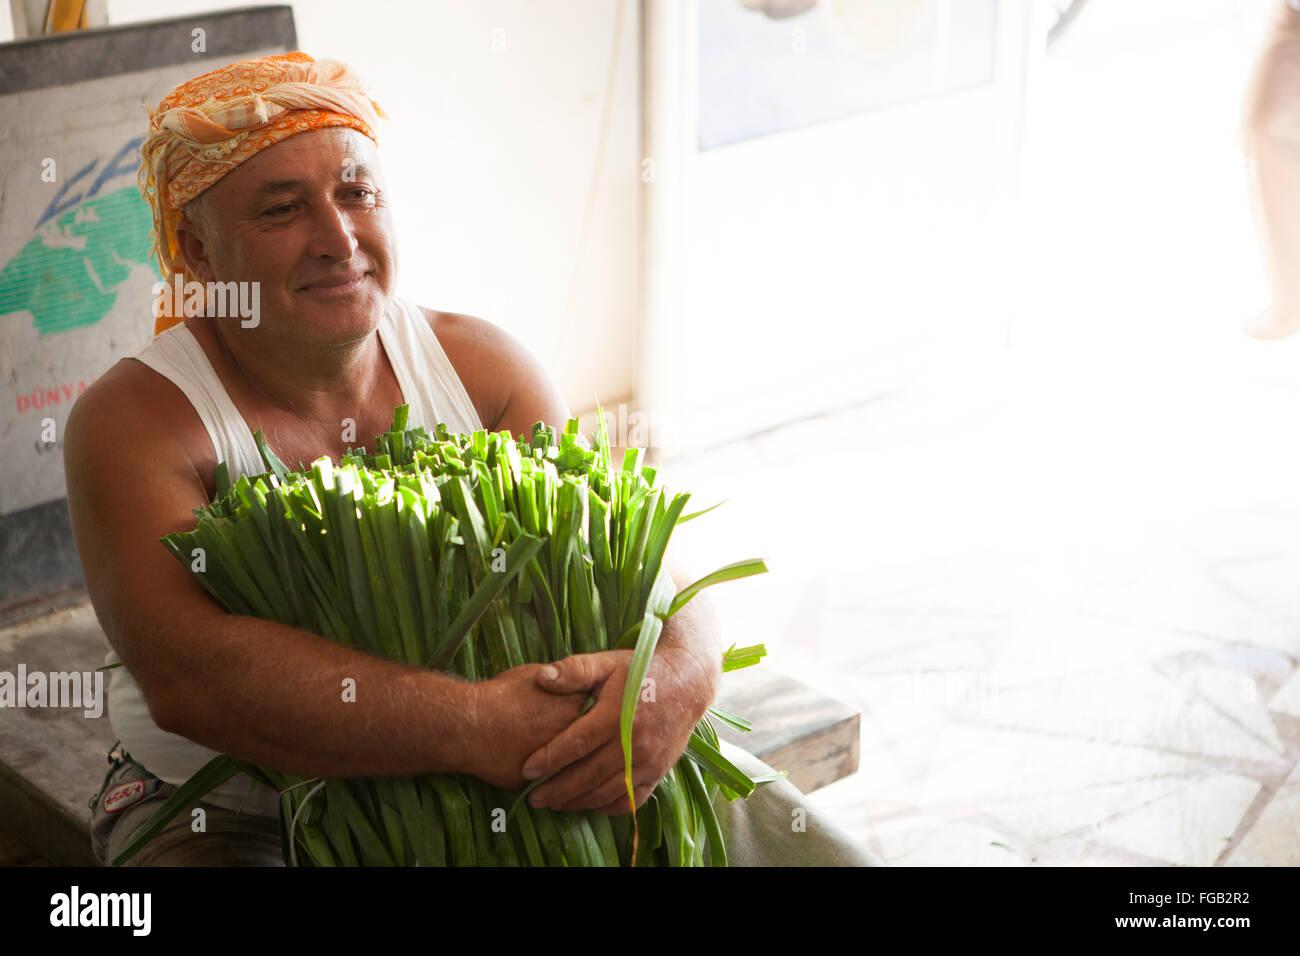 Ein Bauer Hält Einige Lauch Im Großhandel Shop Türkei Stockfoto